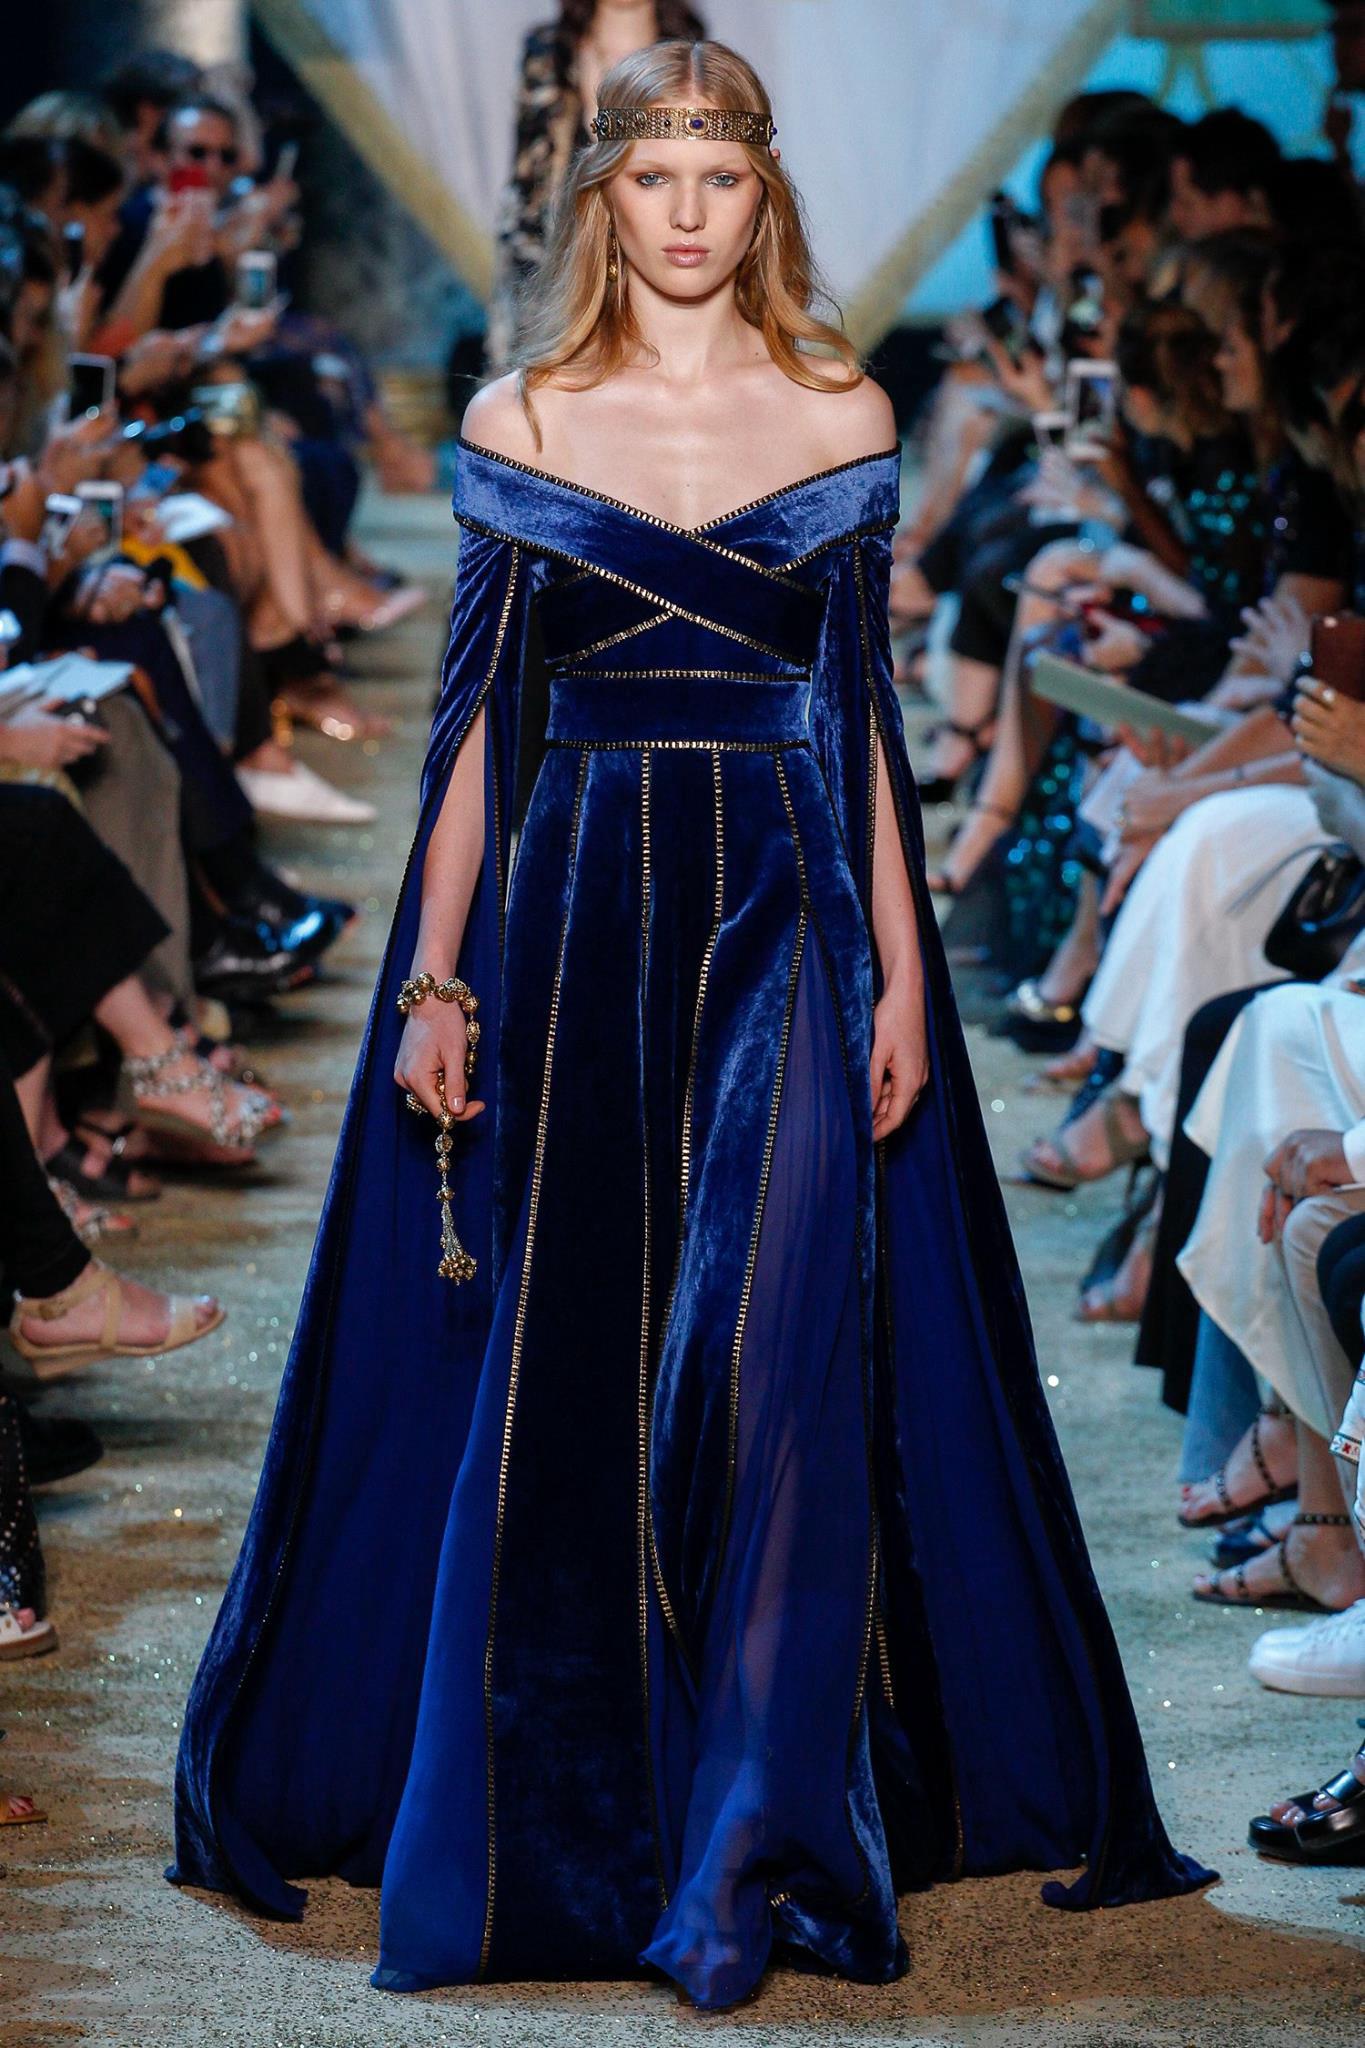 Pin by tasha fundock on fashion u wedding pinterest blue wedding